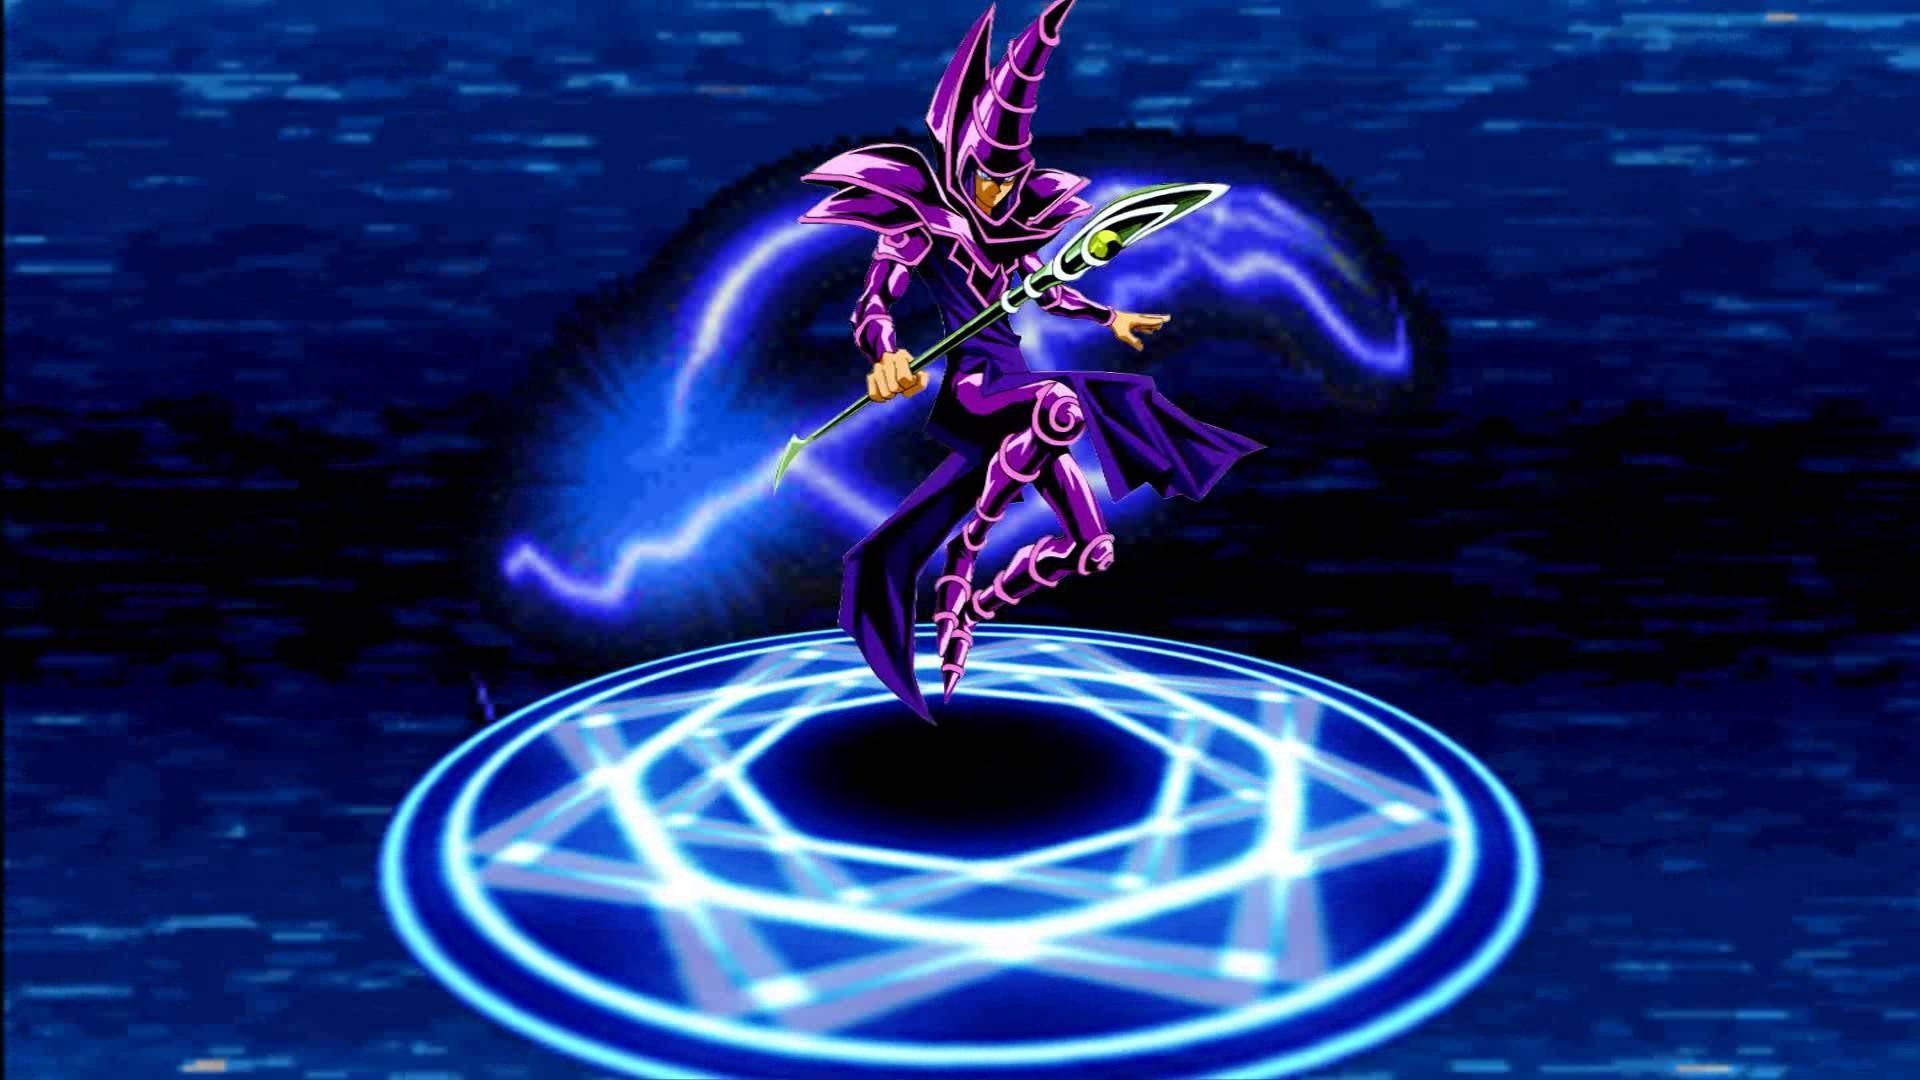 Yu Gi Oh Dark Magician Wallpaper (63+ images)